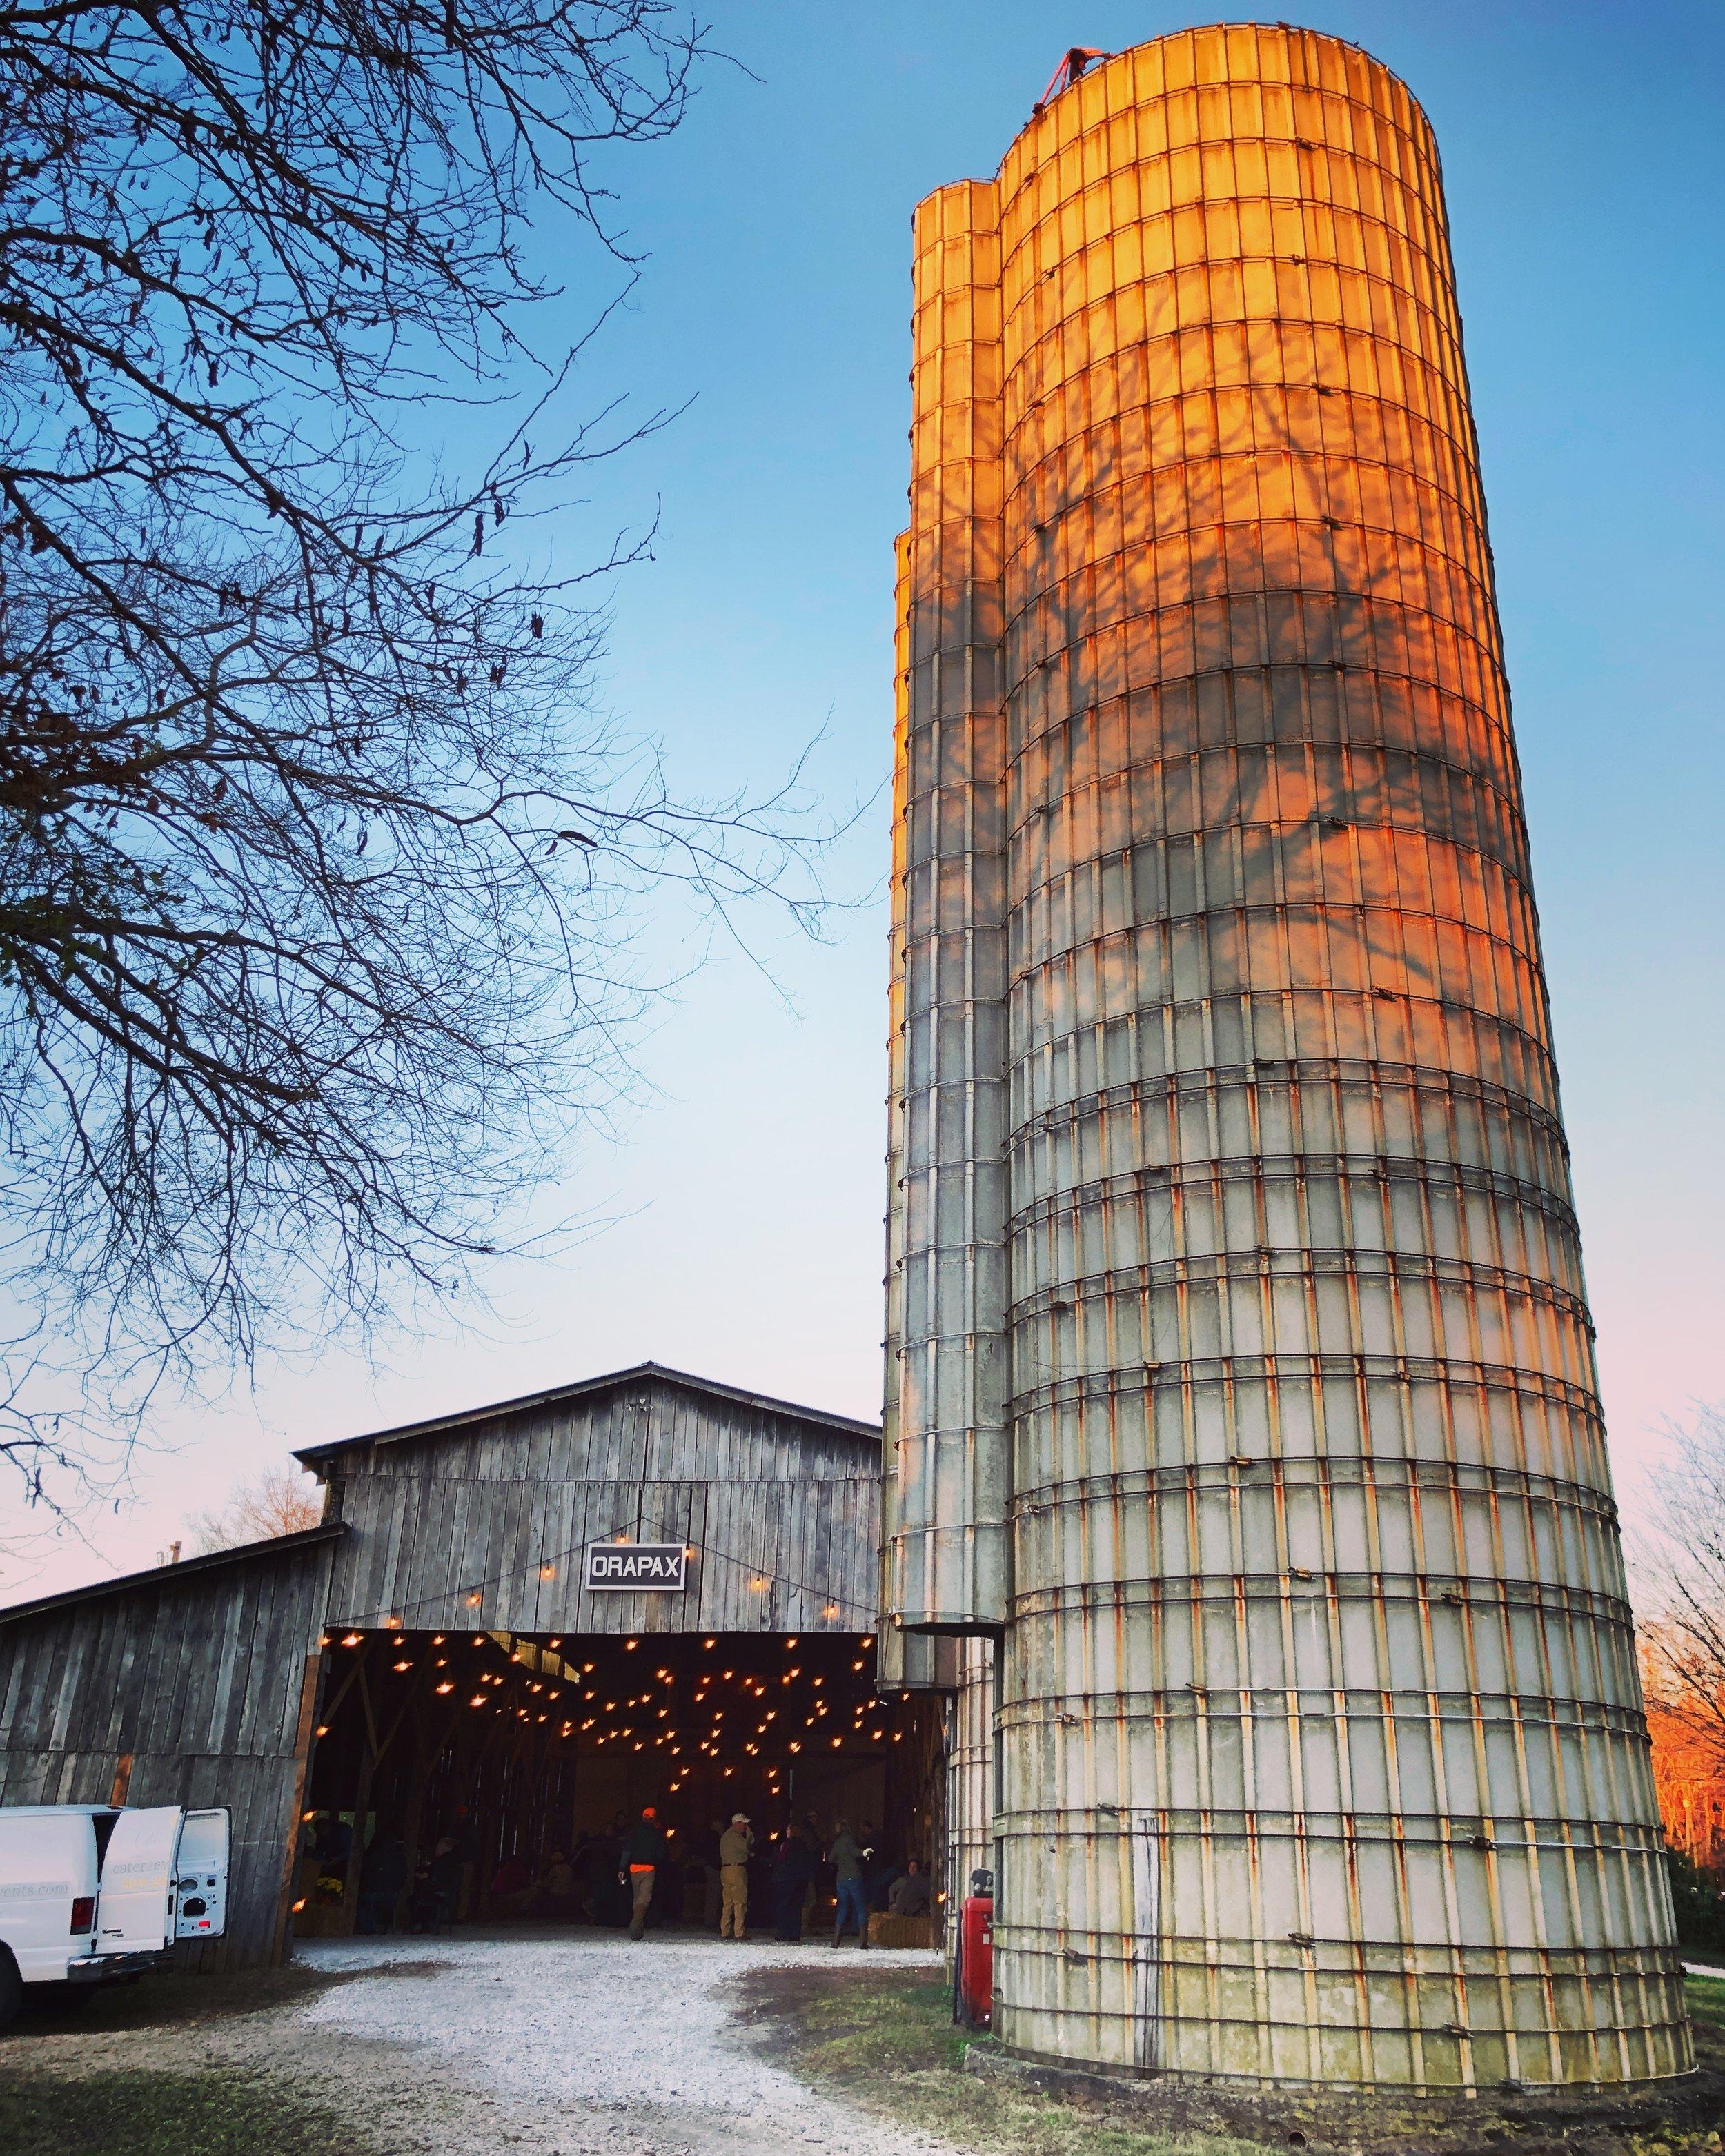 The barn warmed